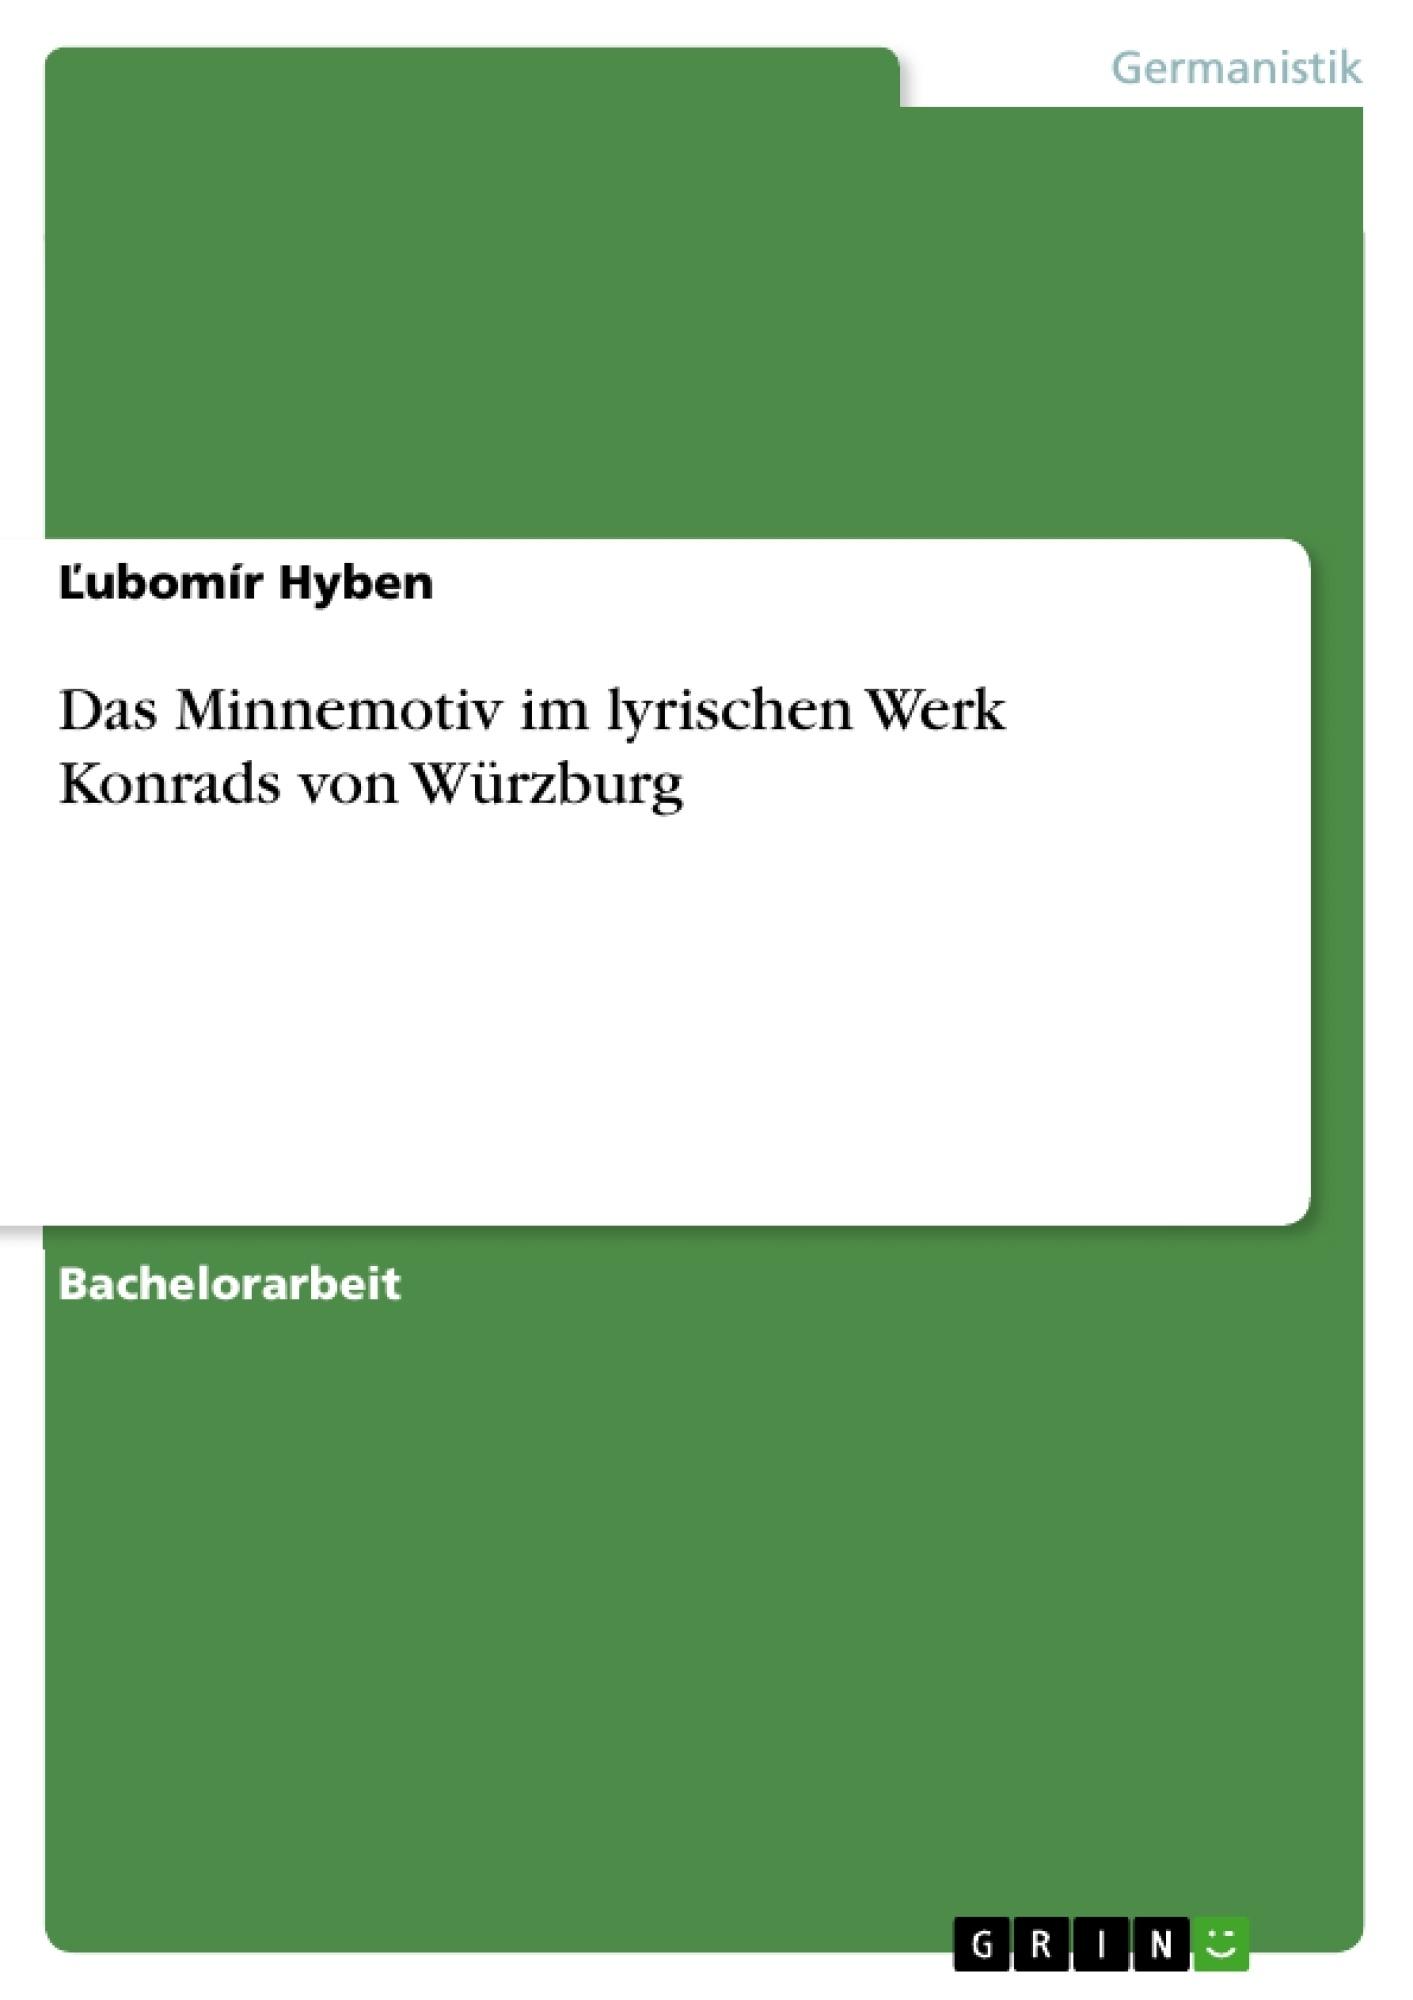 Titel: Das Minnemotiv im lyrischen Werk Konrads von Würzburg